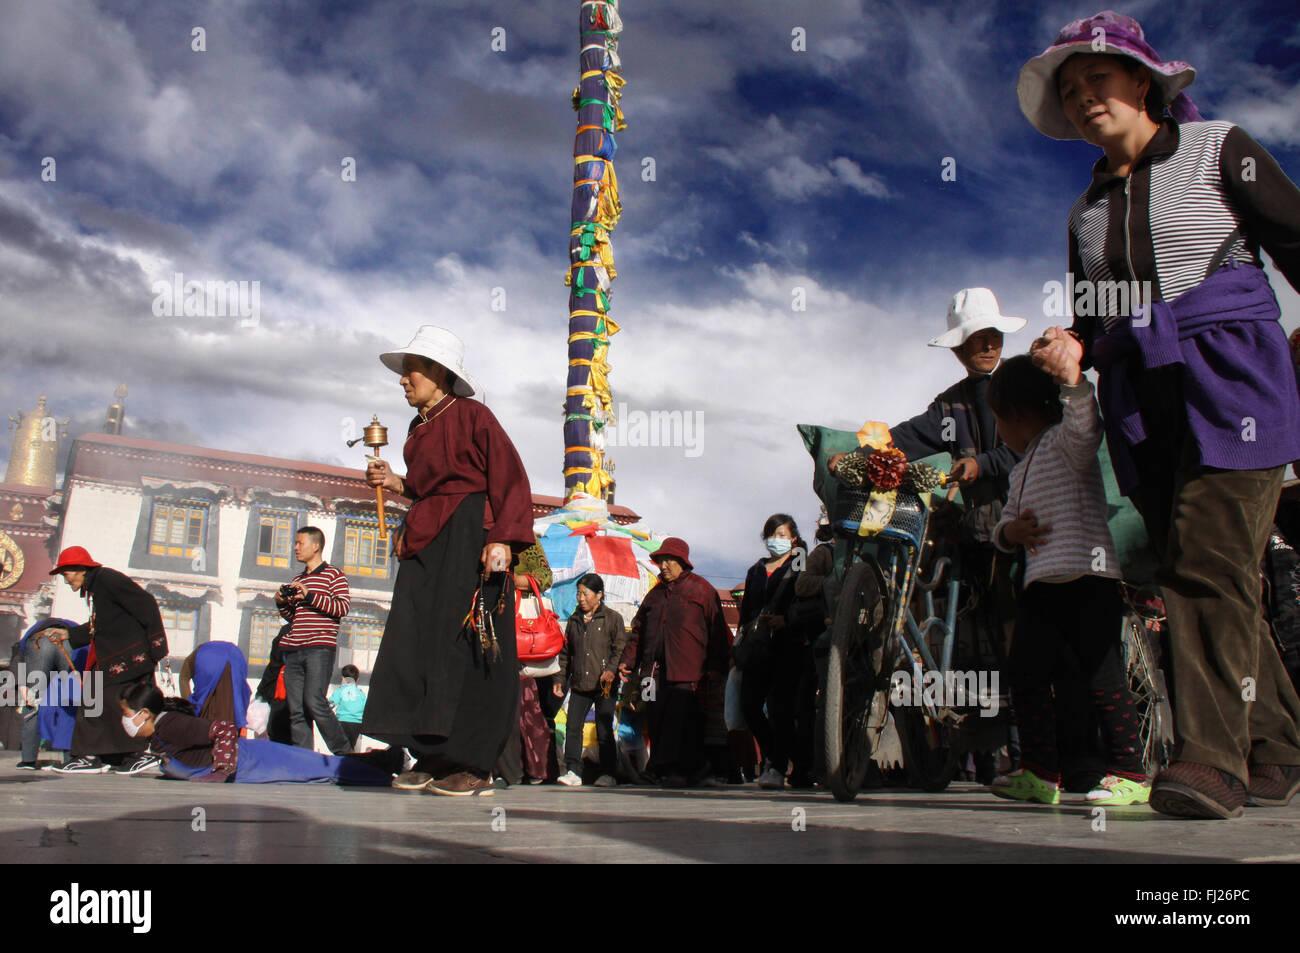 Tibetan people praying / doing Kora around Jokhang temple in Lhasa, Tibet - Stock Image